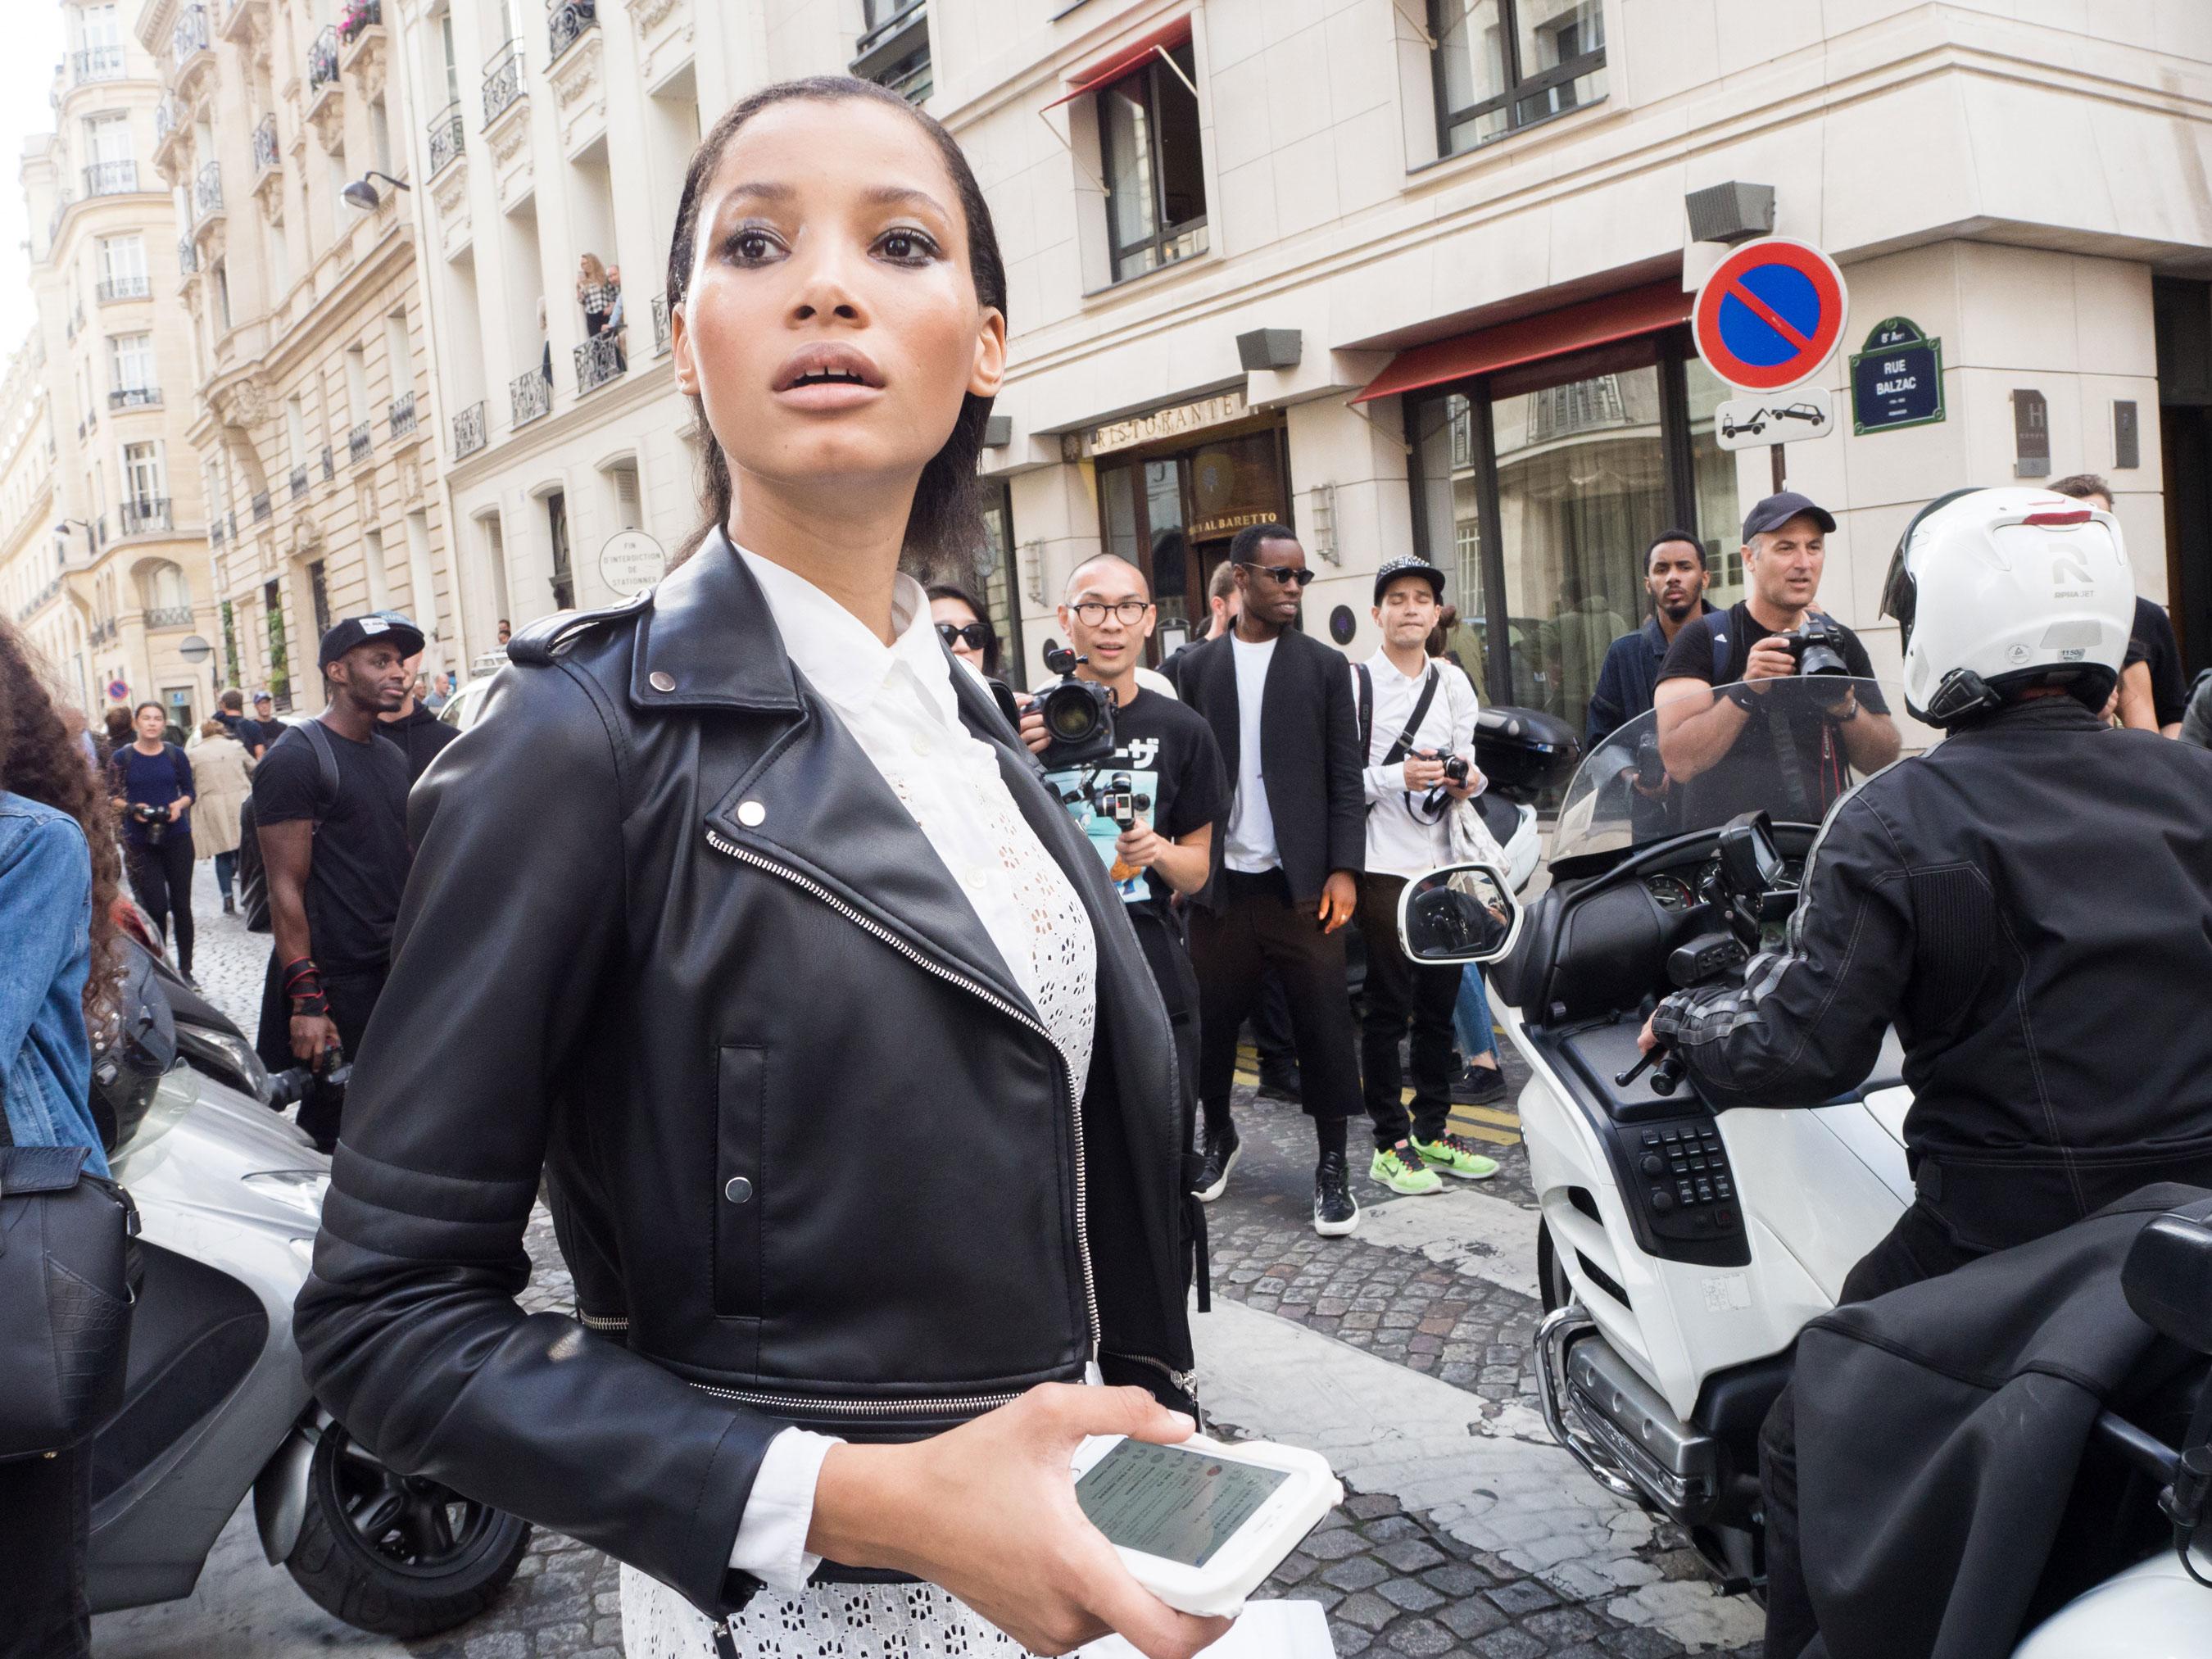 Paris atm RS17 0635